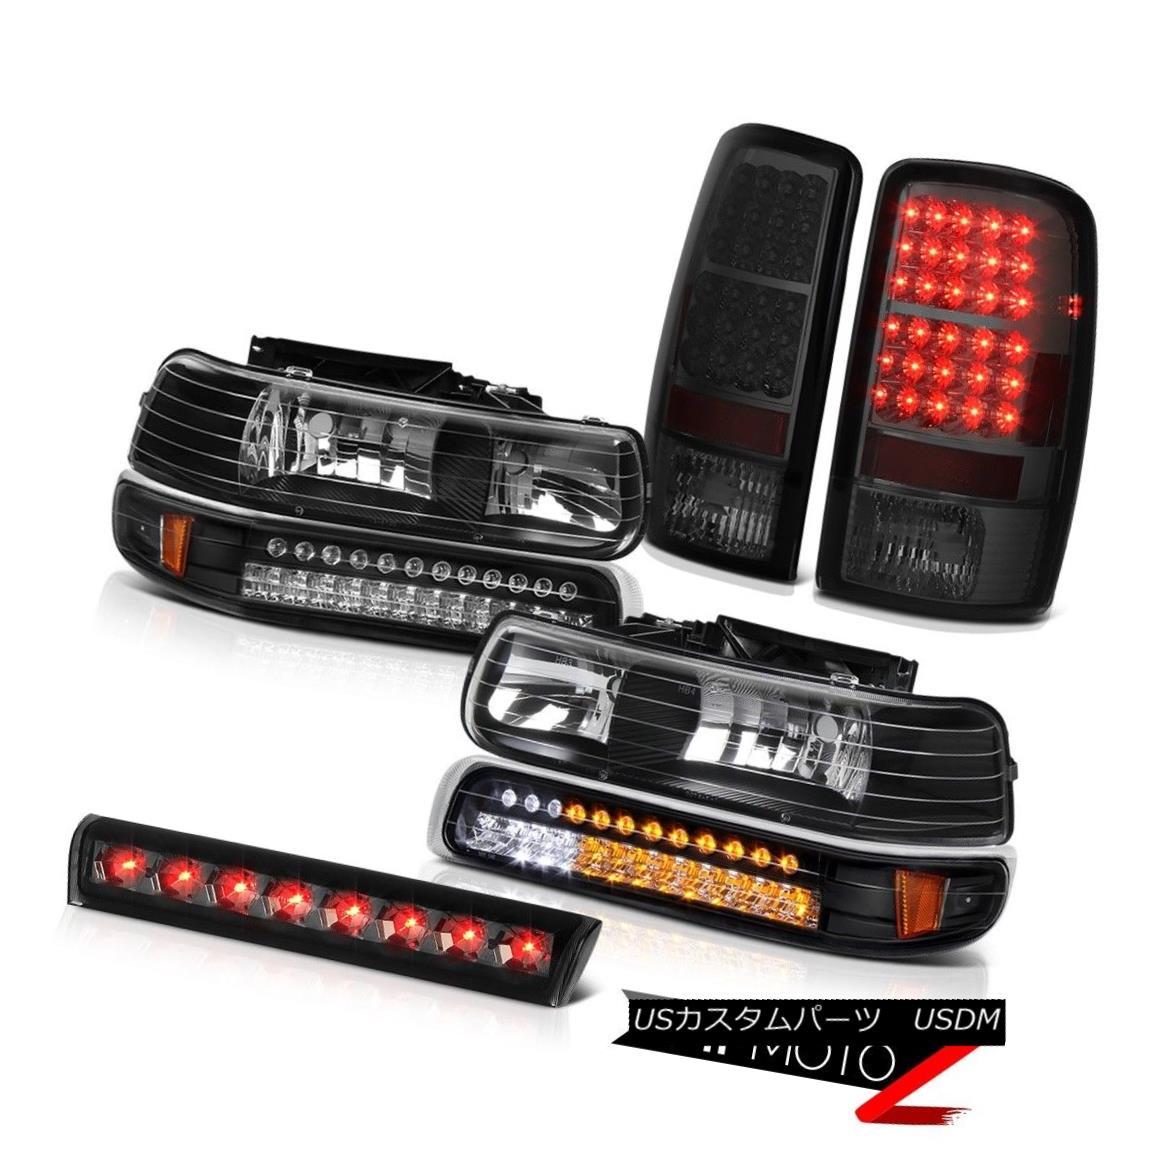 ヘッドライト 2001-2006 Suburban Z71 LED Bumper+Headlights Bulbs Tail Lights Roof Third Brake 2001-2006郊外Z71 LEDバンパー+ヘッドランプ hts球根テールライトルーフ第3ブレーキ